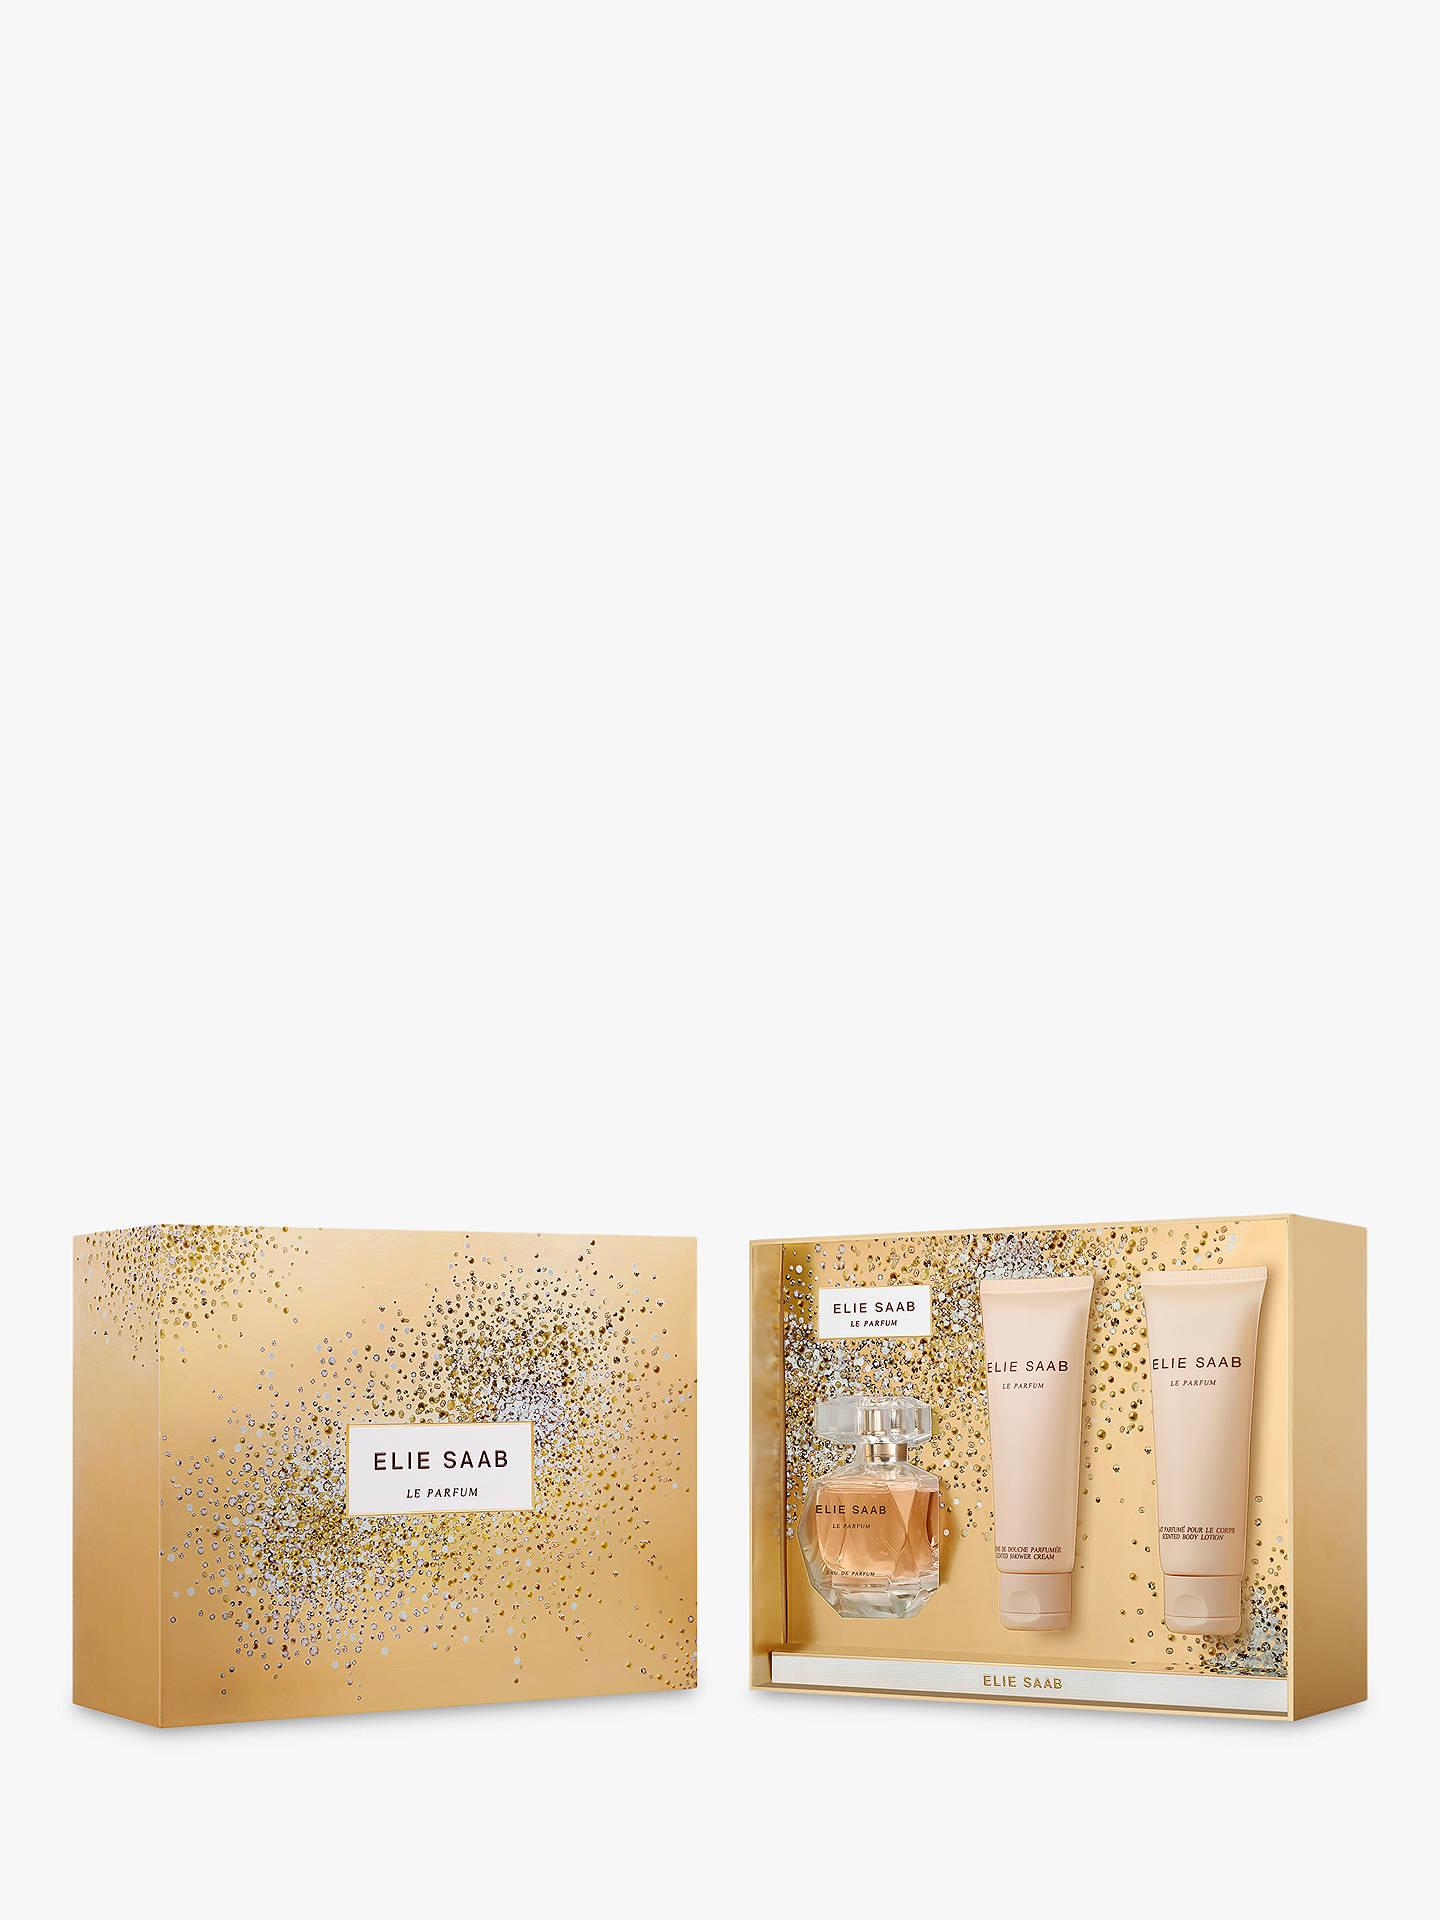 Elie Saab Le Parfum 50ml Eau De Parfum Fragrance Gift Set At John